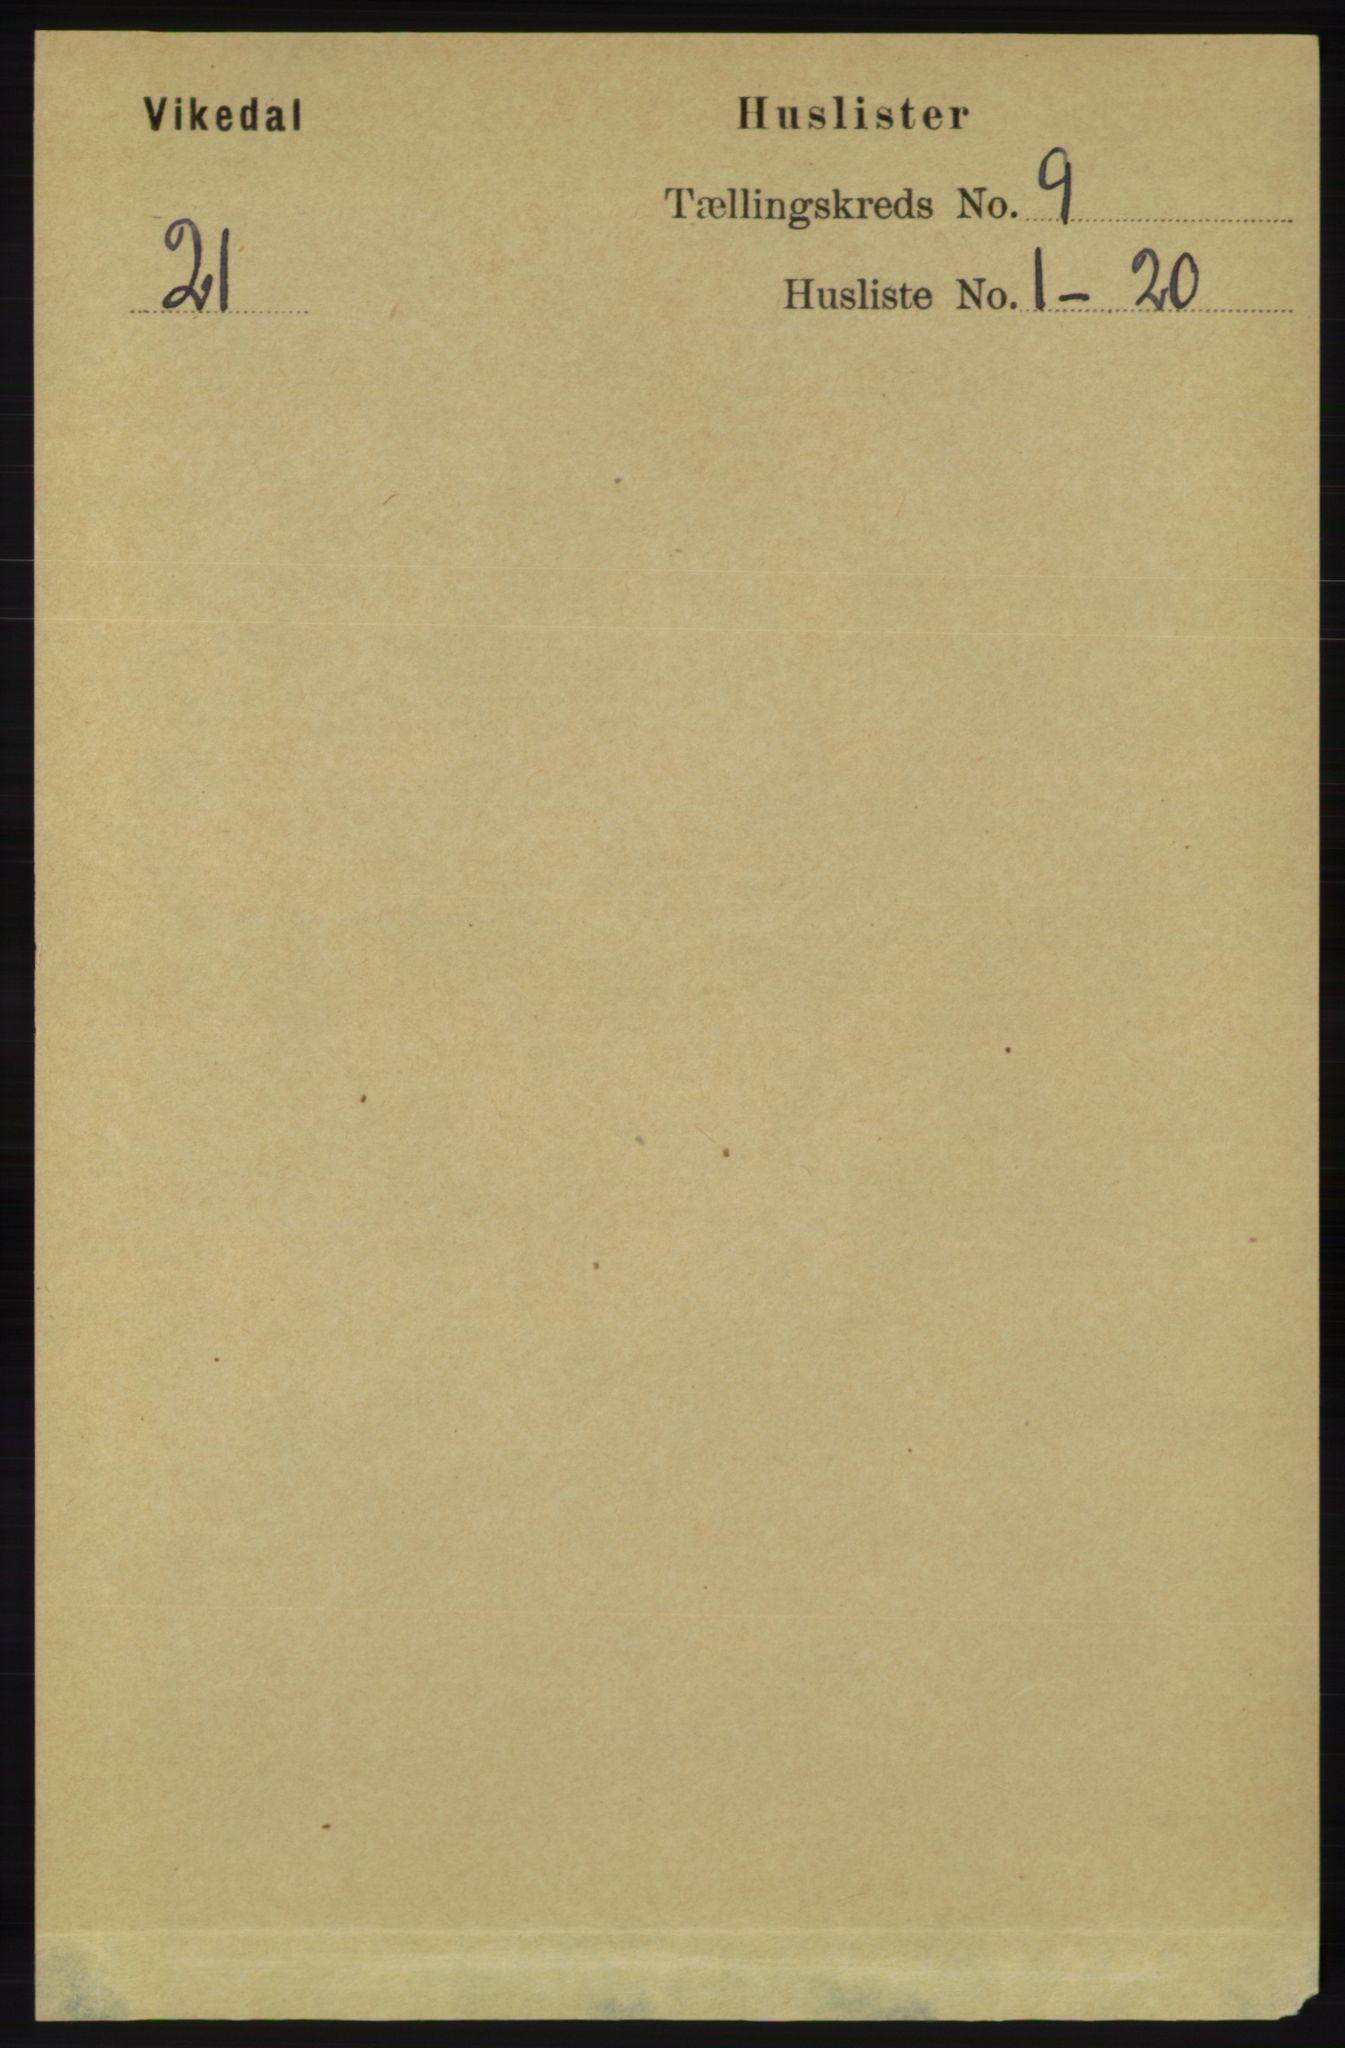 RA, Folketelling 1891 for 1157 Vikedal herred, 1891, s. 2343